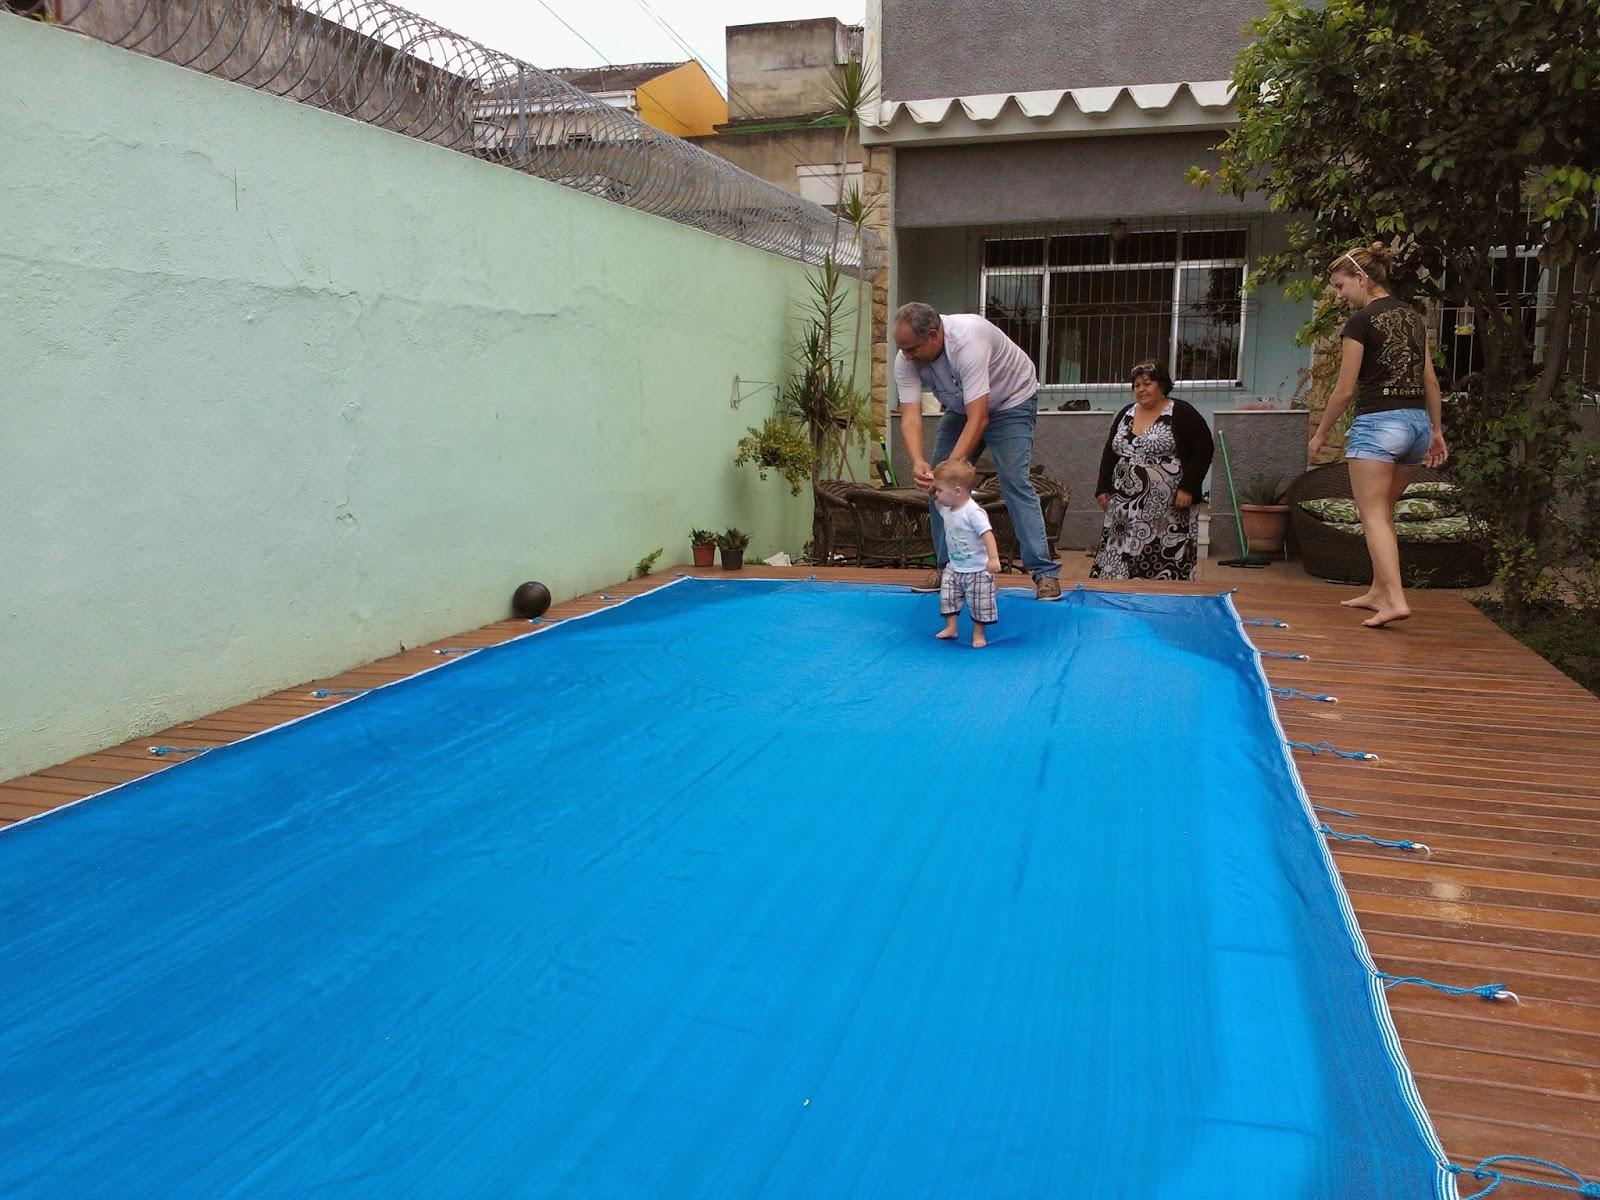 capas para piscinas no rj capa e lona de piscina